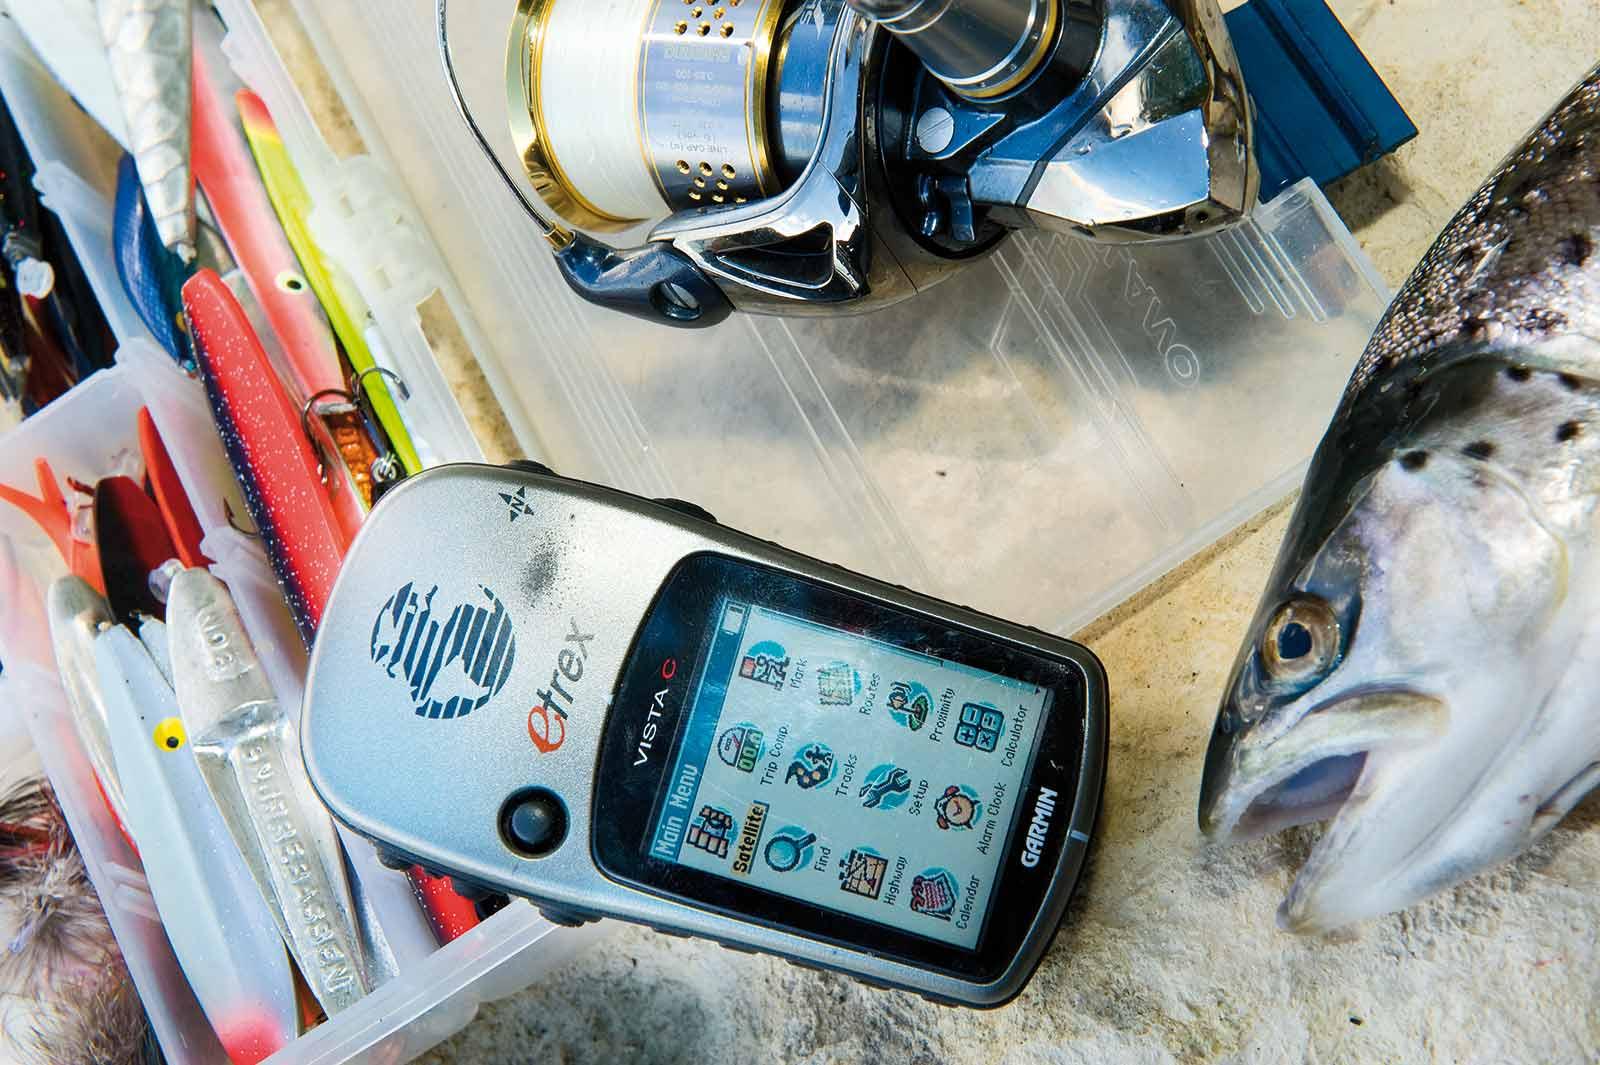 Håndholdt GPS til kystfiskeri giver mange forbedringer af fiskeriet.